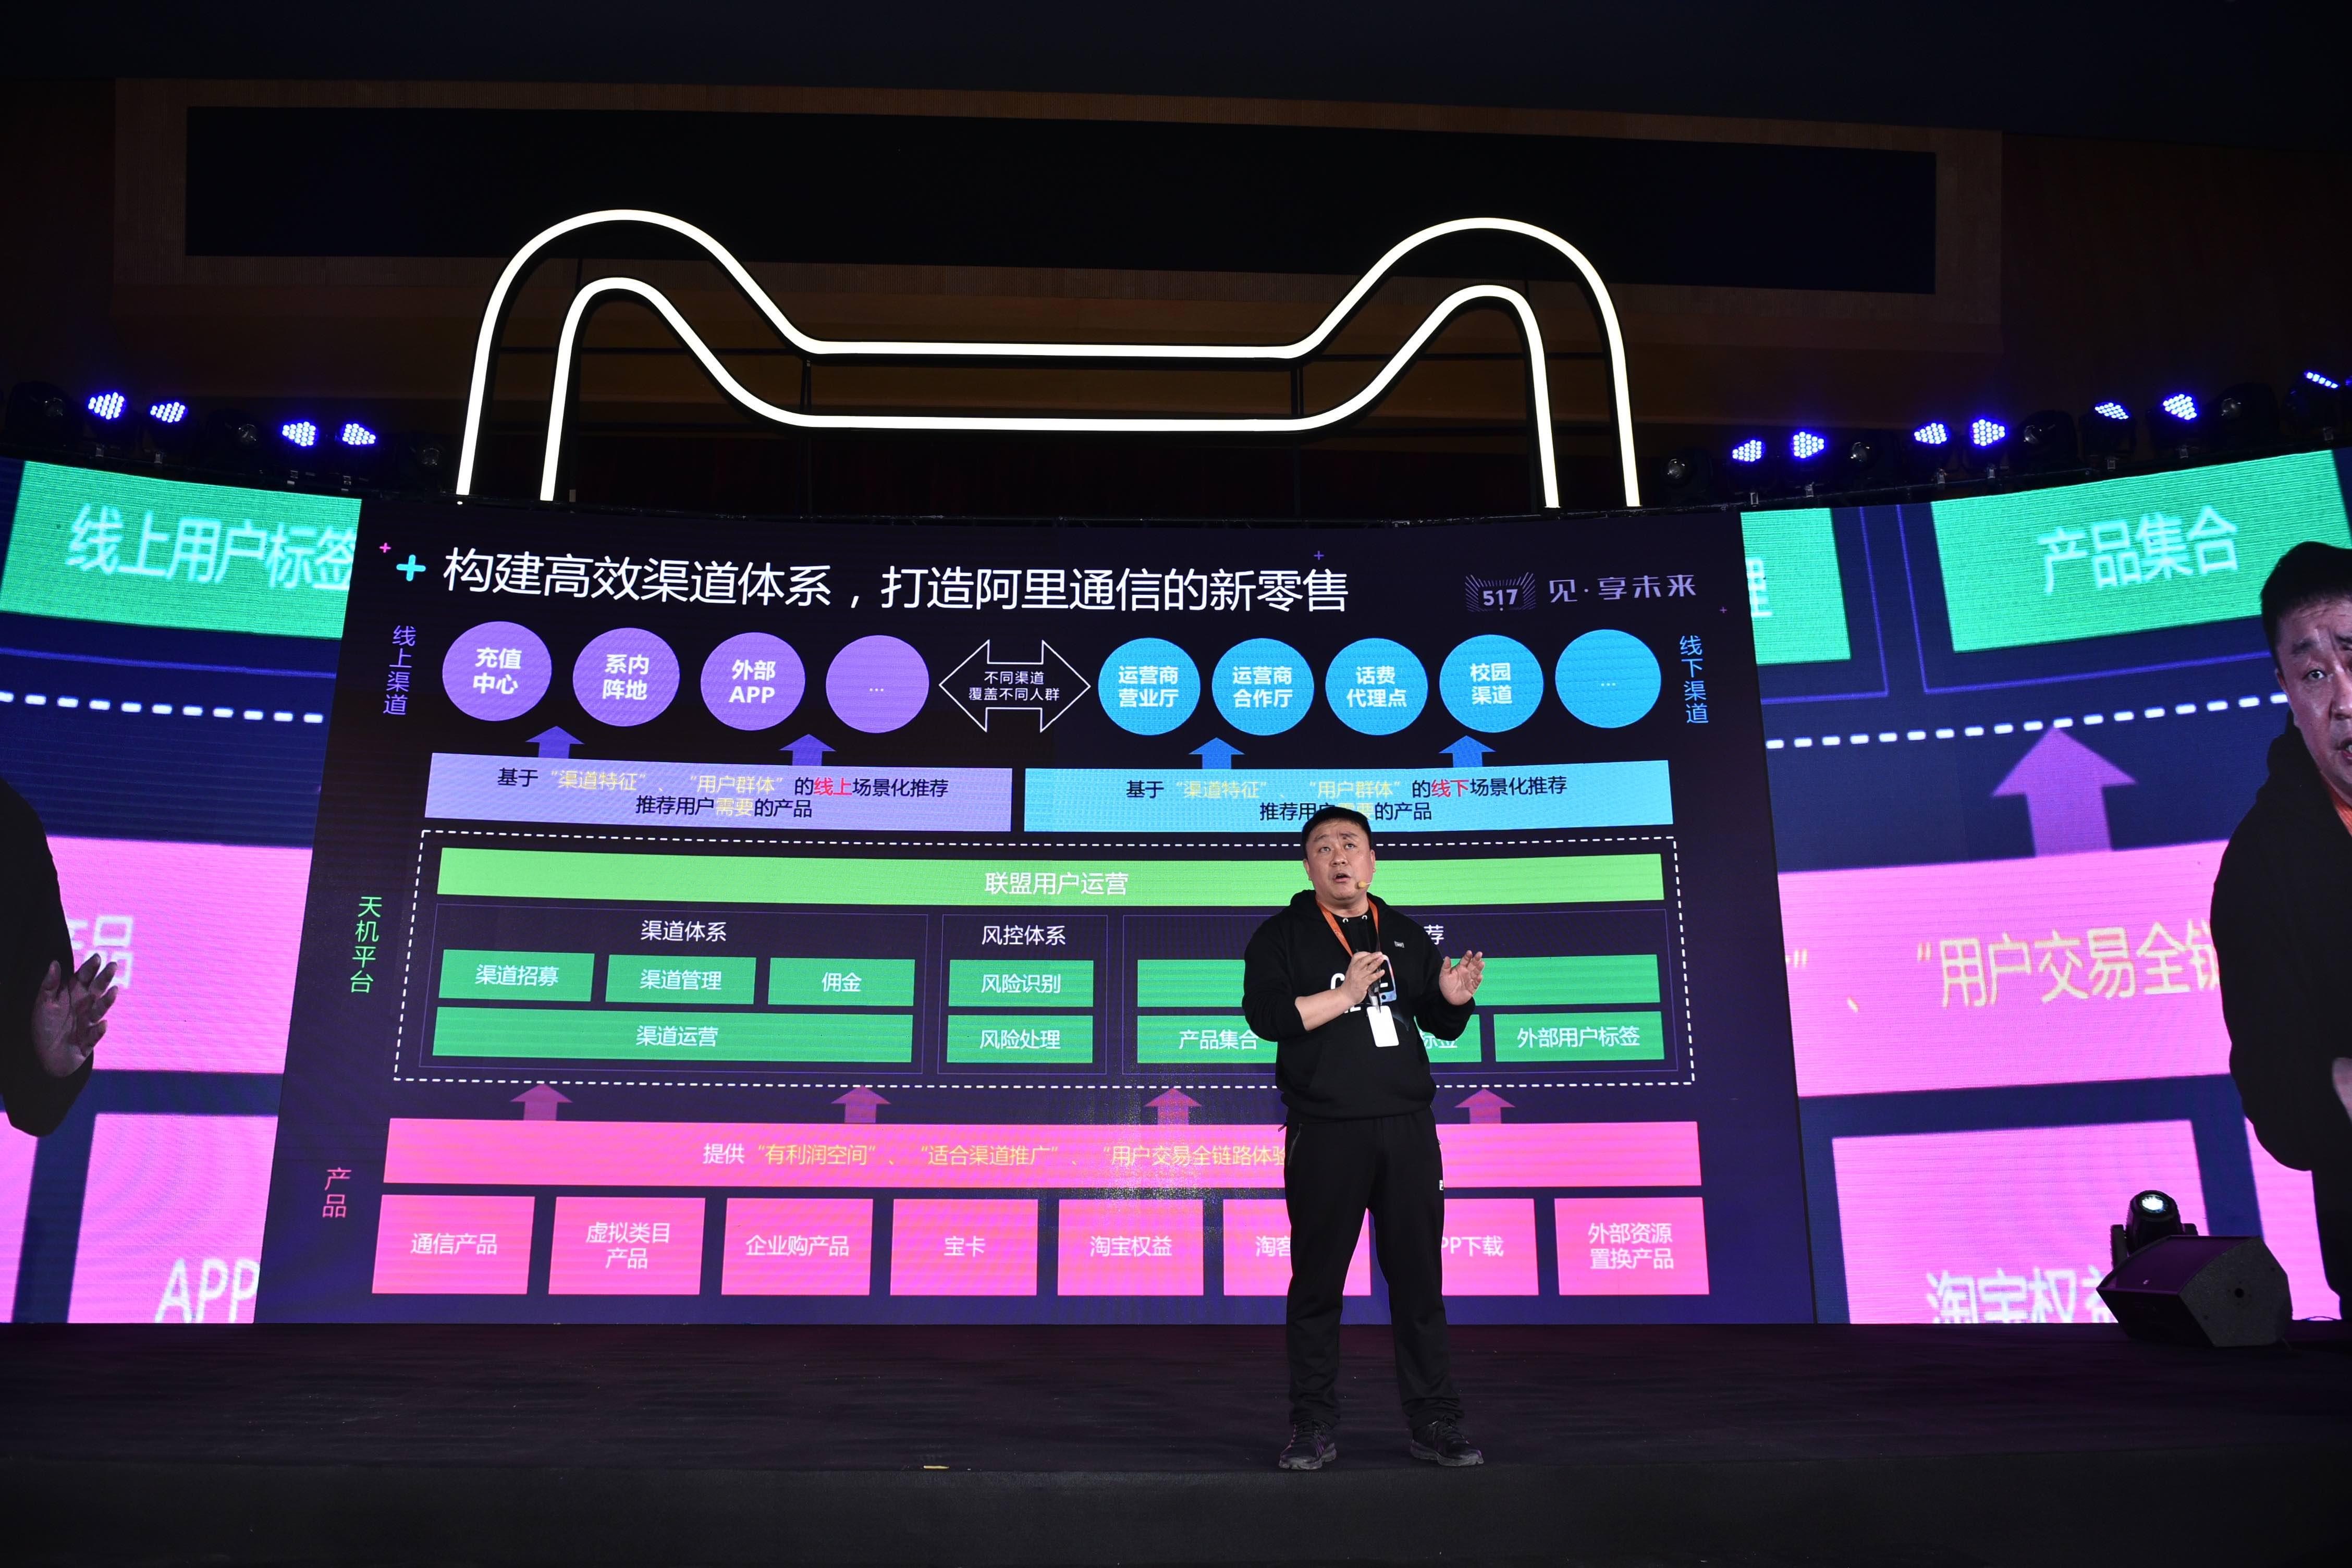 天猫联手三大运营商开启517通信狂欢节